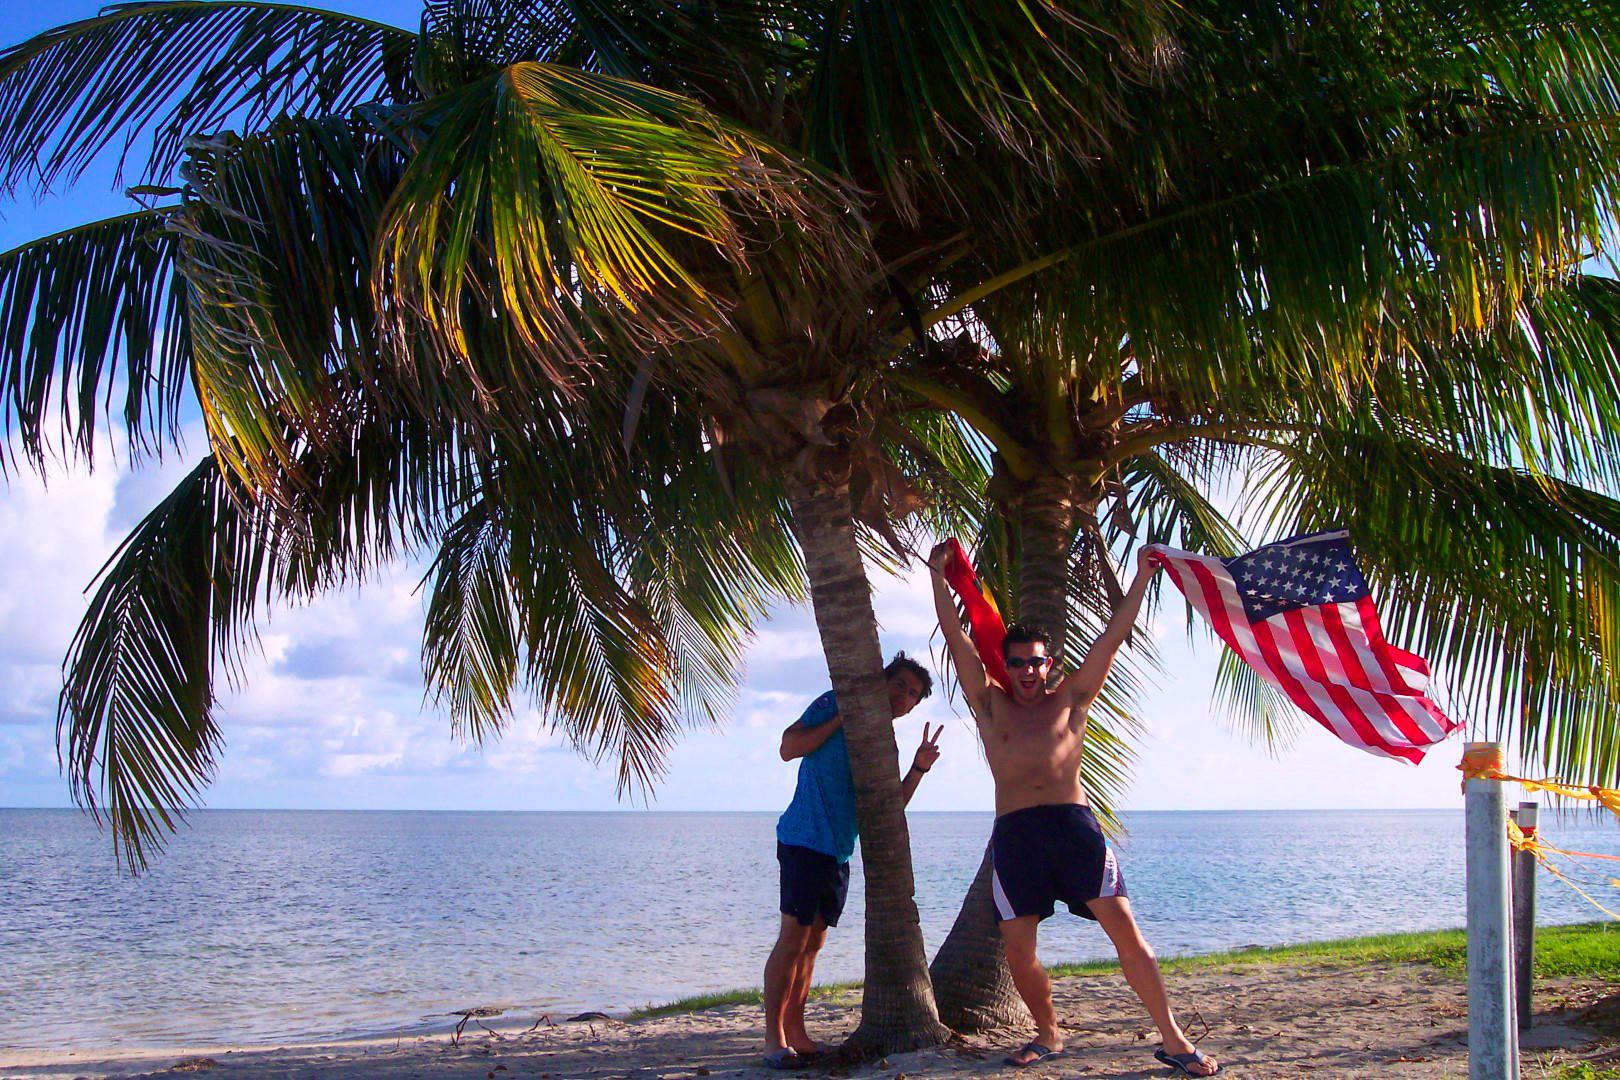 Qué hacer y ver en Miami, Florida Qué hacer y ver en Miami Qué hacer y ver en Miami 31344972016 f4c7a04f16 o